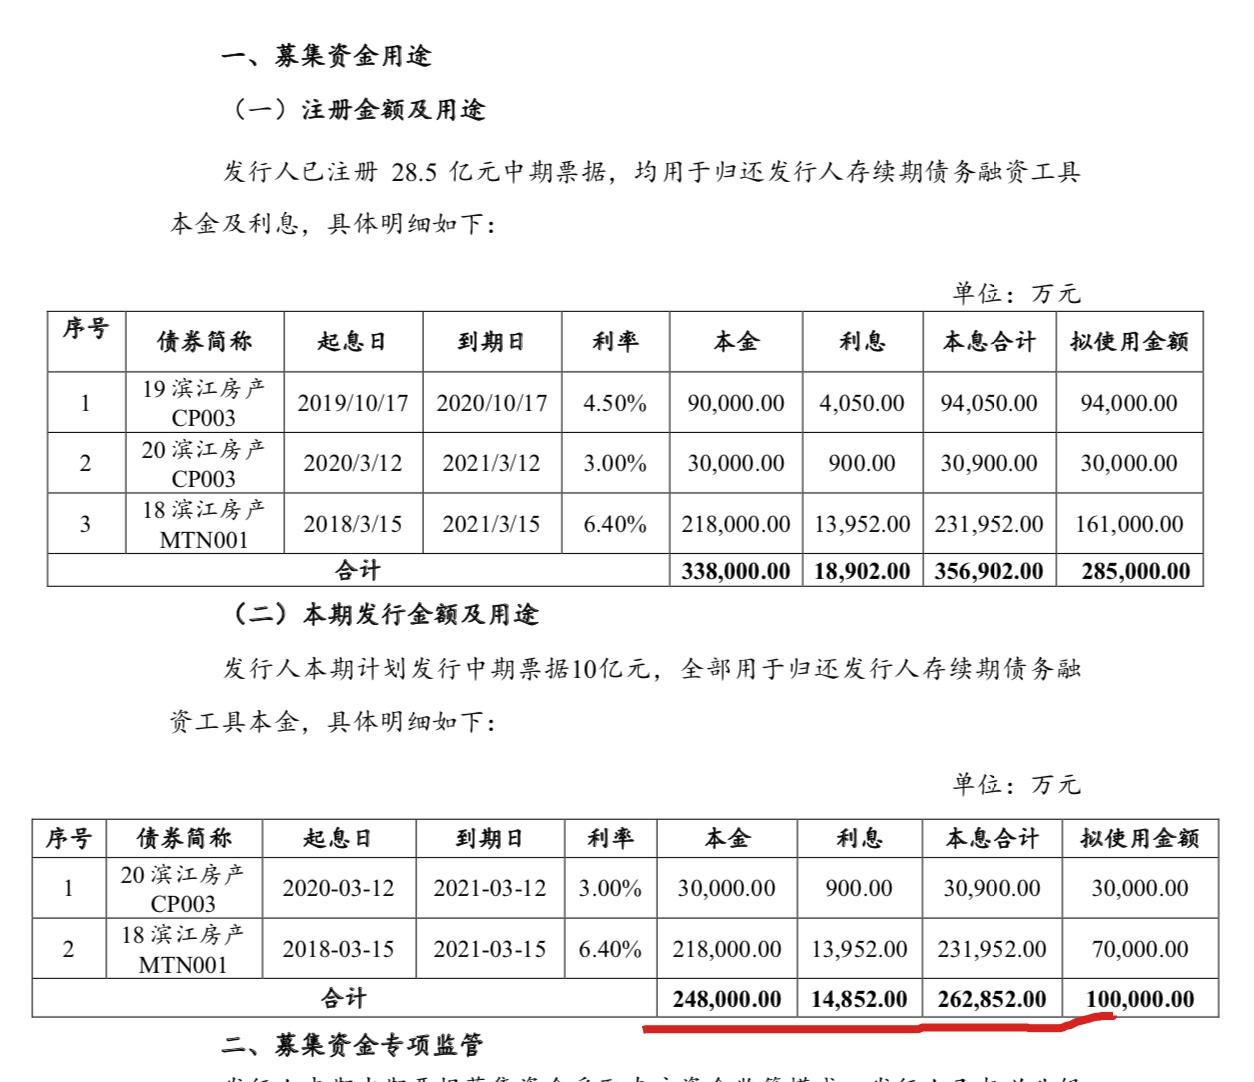 滨江集团债务筹资:拟发行3年期10亿元中期票据